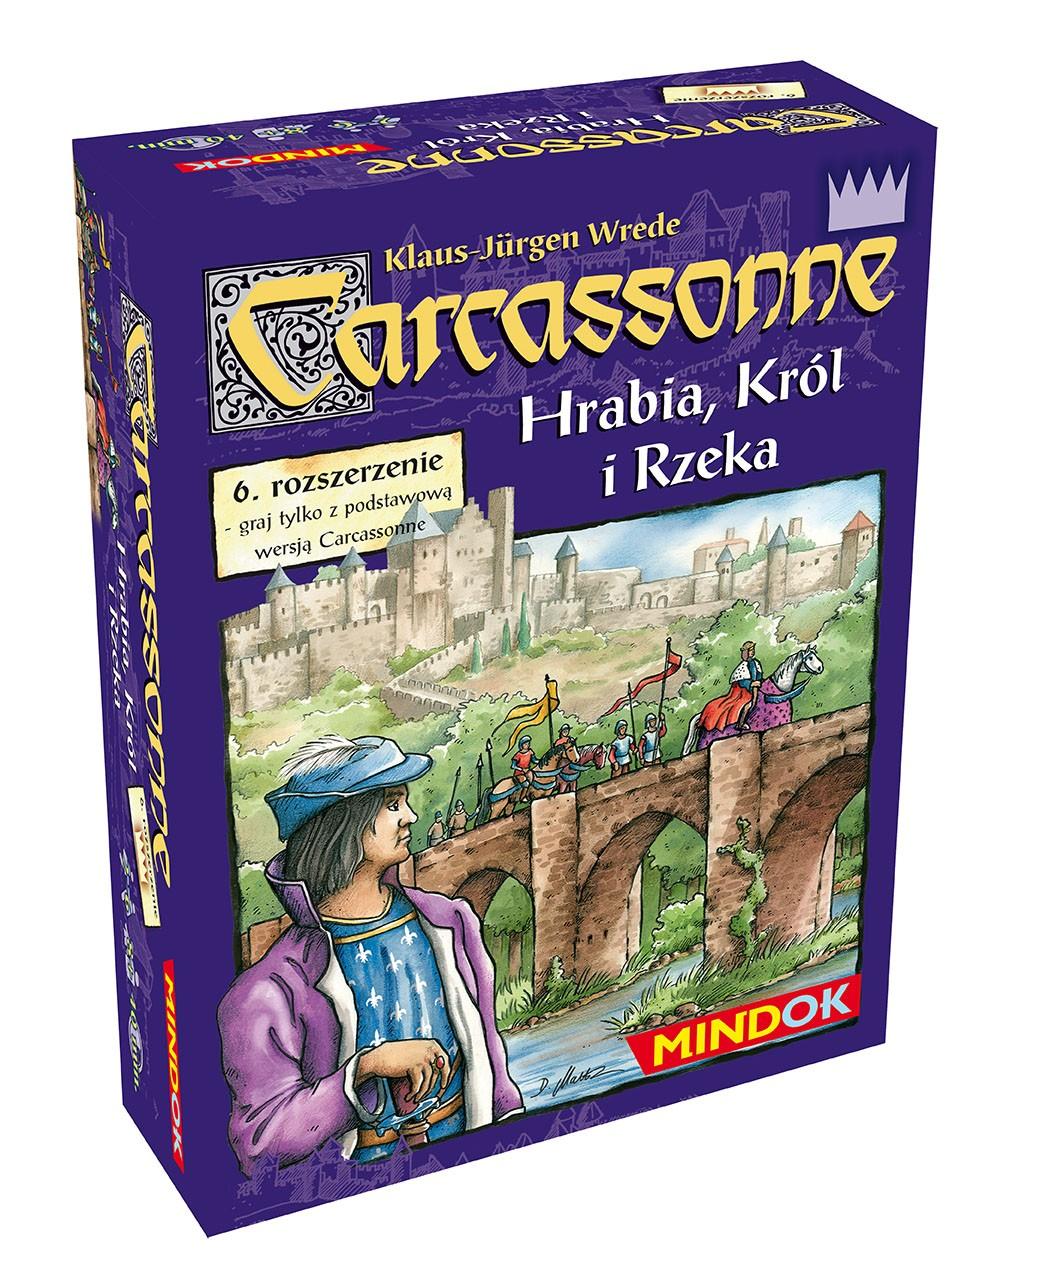 CARCASSONNE HRABIA KRÓL I RZEKA (1 ed.)